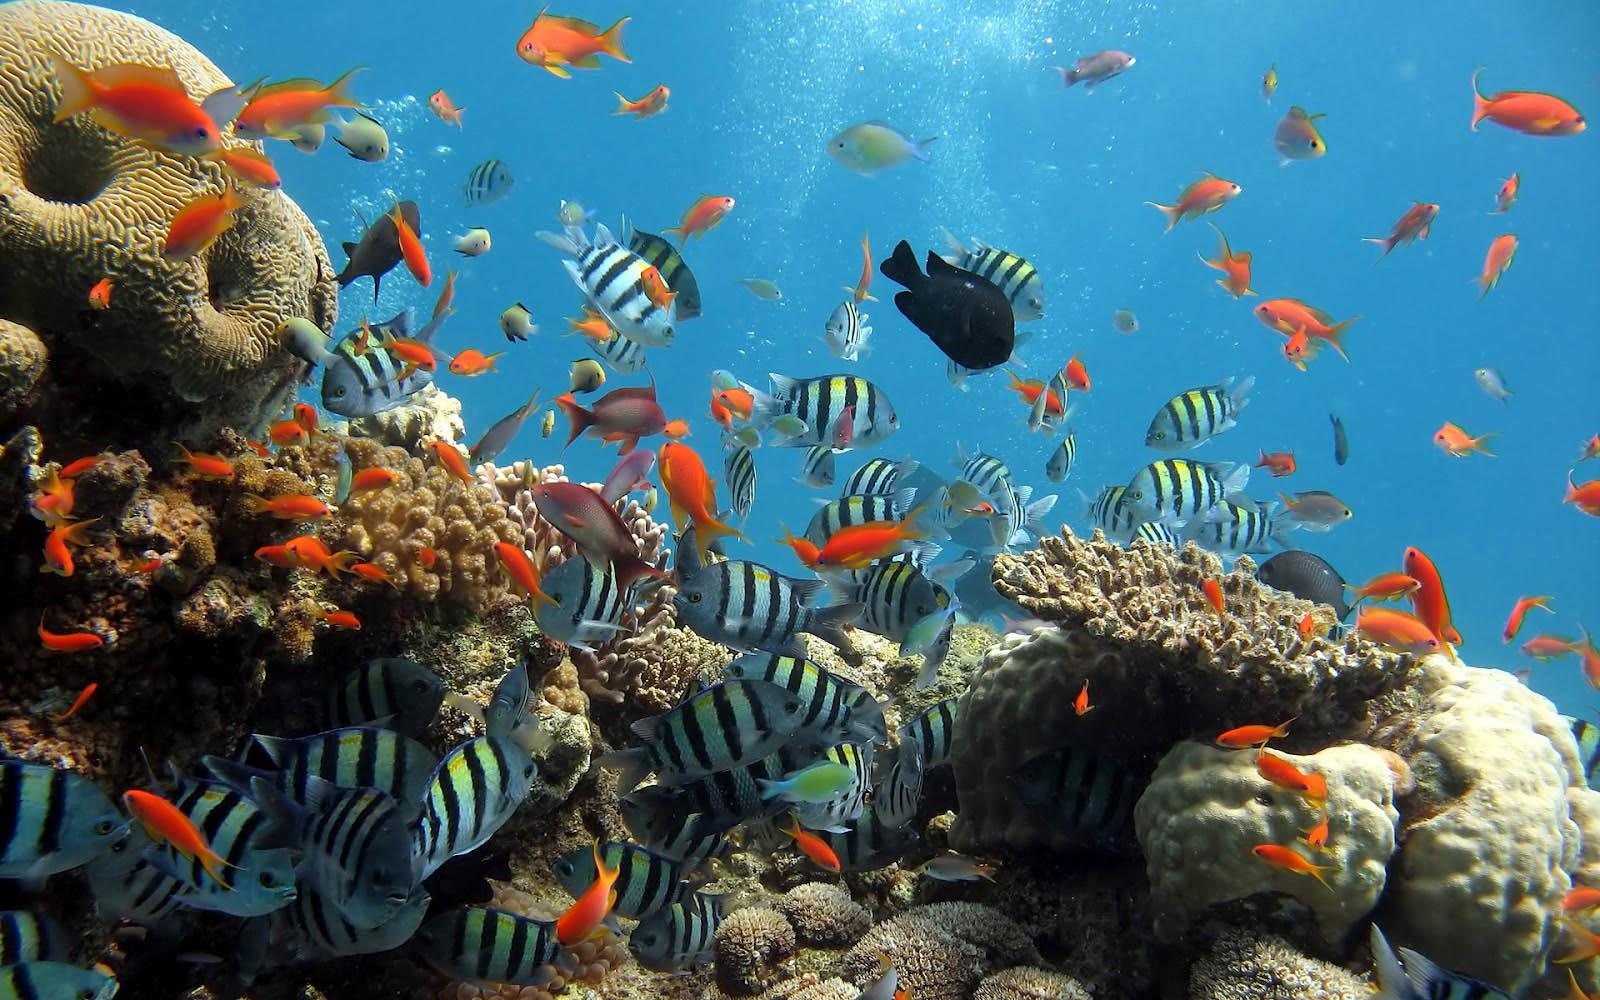 wallpapers Ocean Life Wallpapers 1600x1000